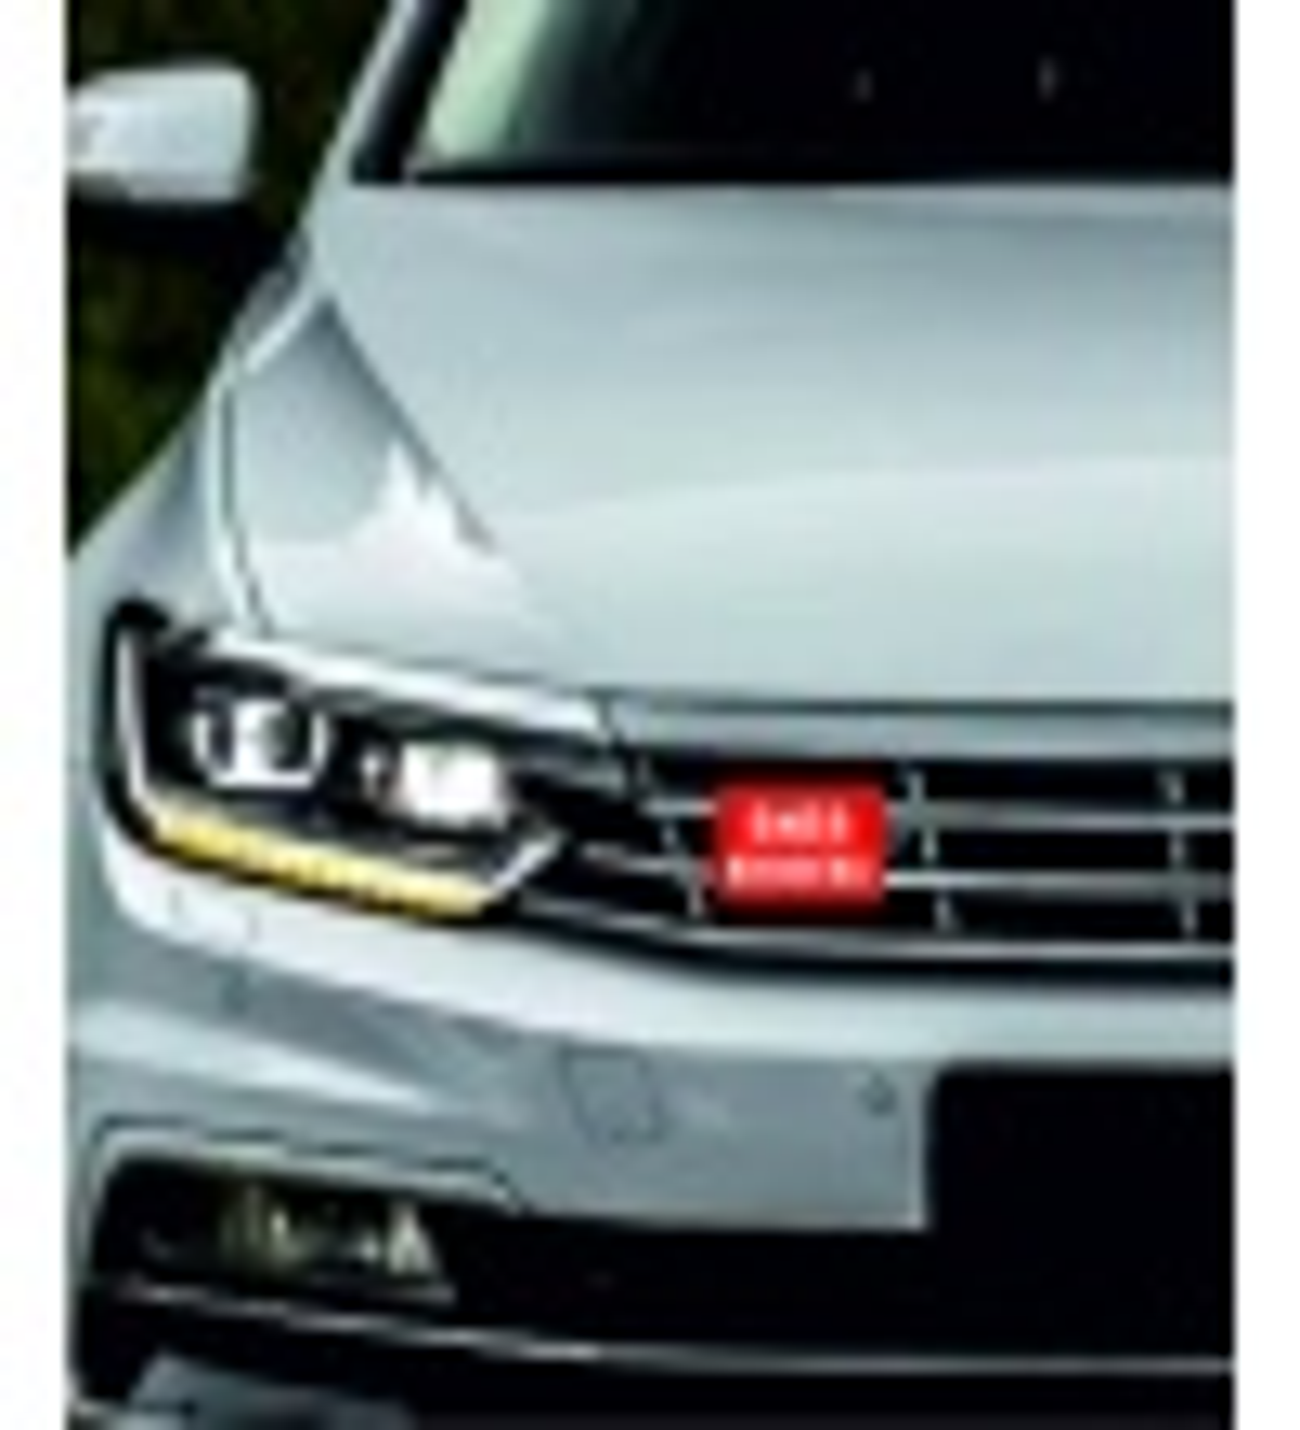 Kişiye Özel İsimli Araç Ön Panjur Logosu Panjur Arma Kırmızı Zemin Beyaz Yazı